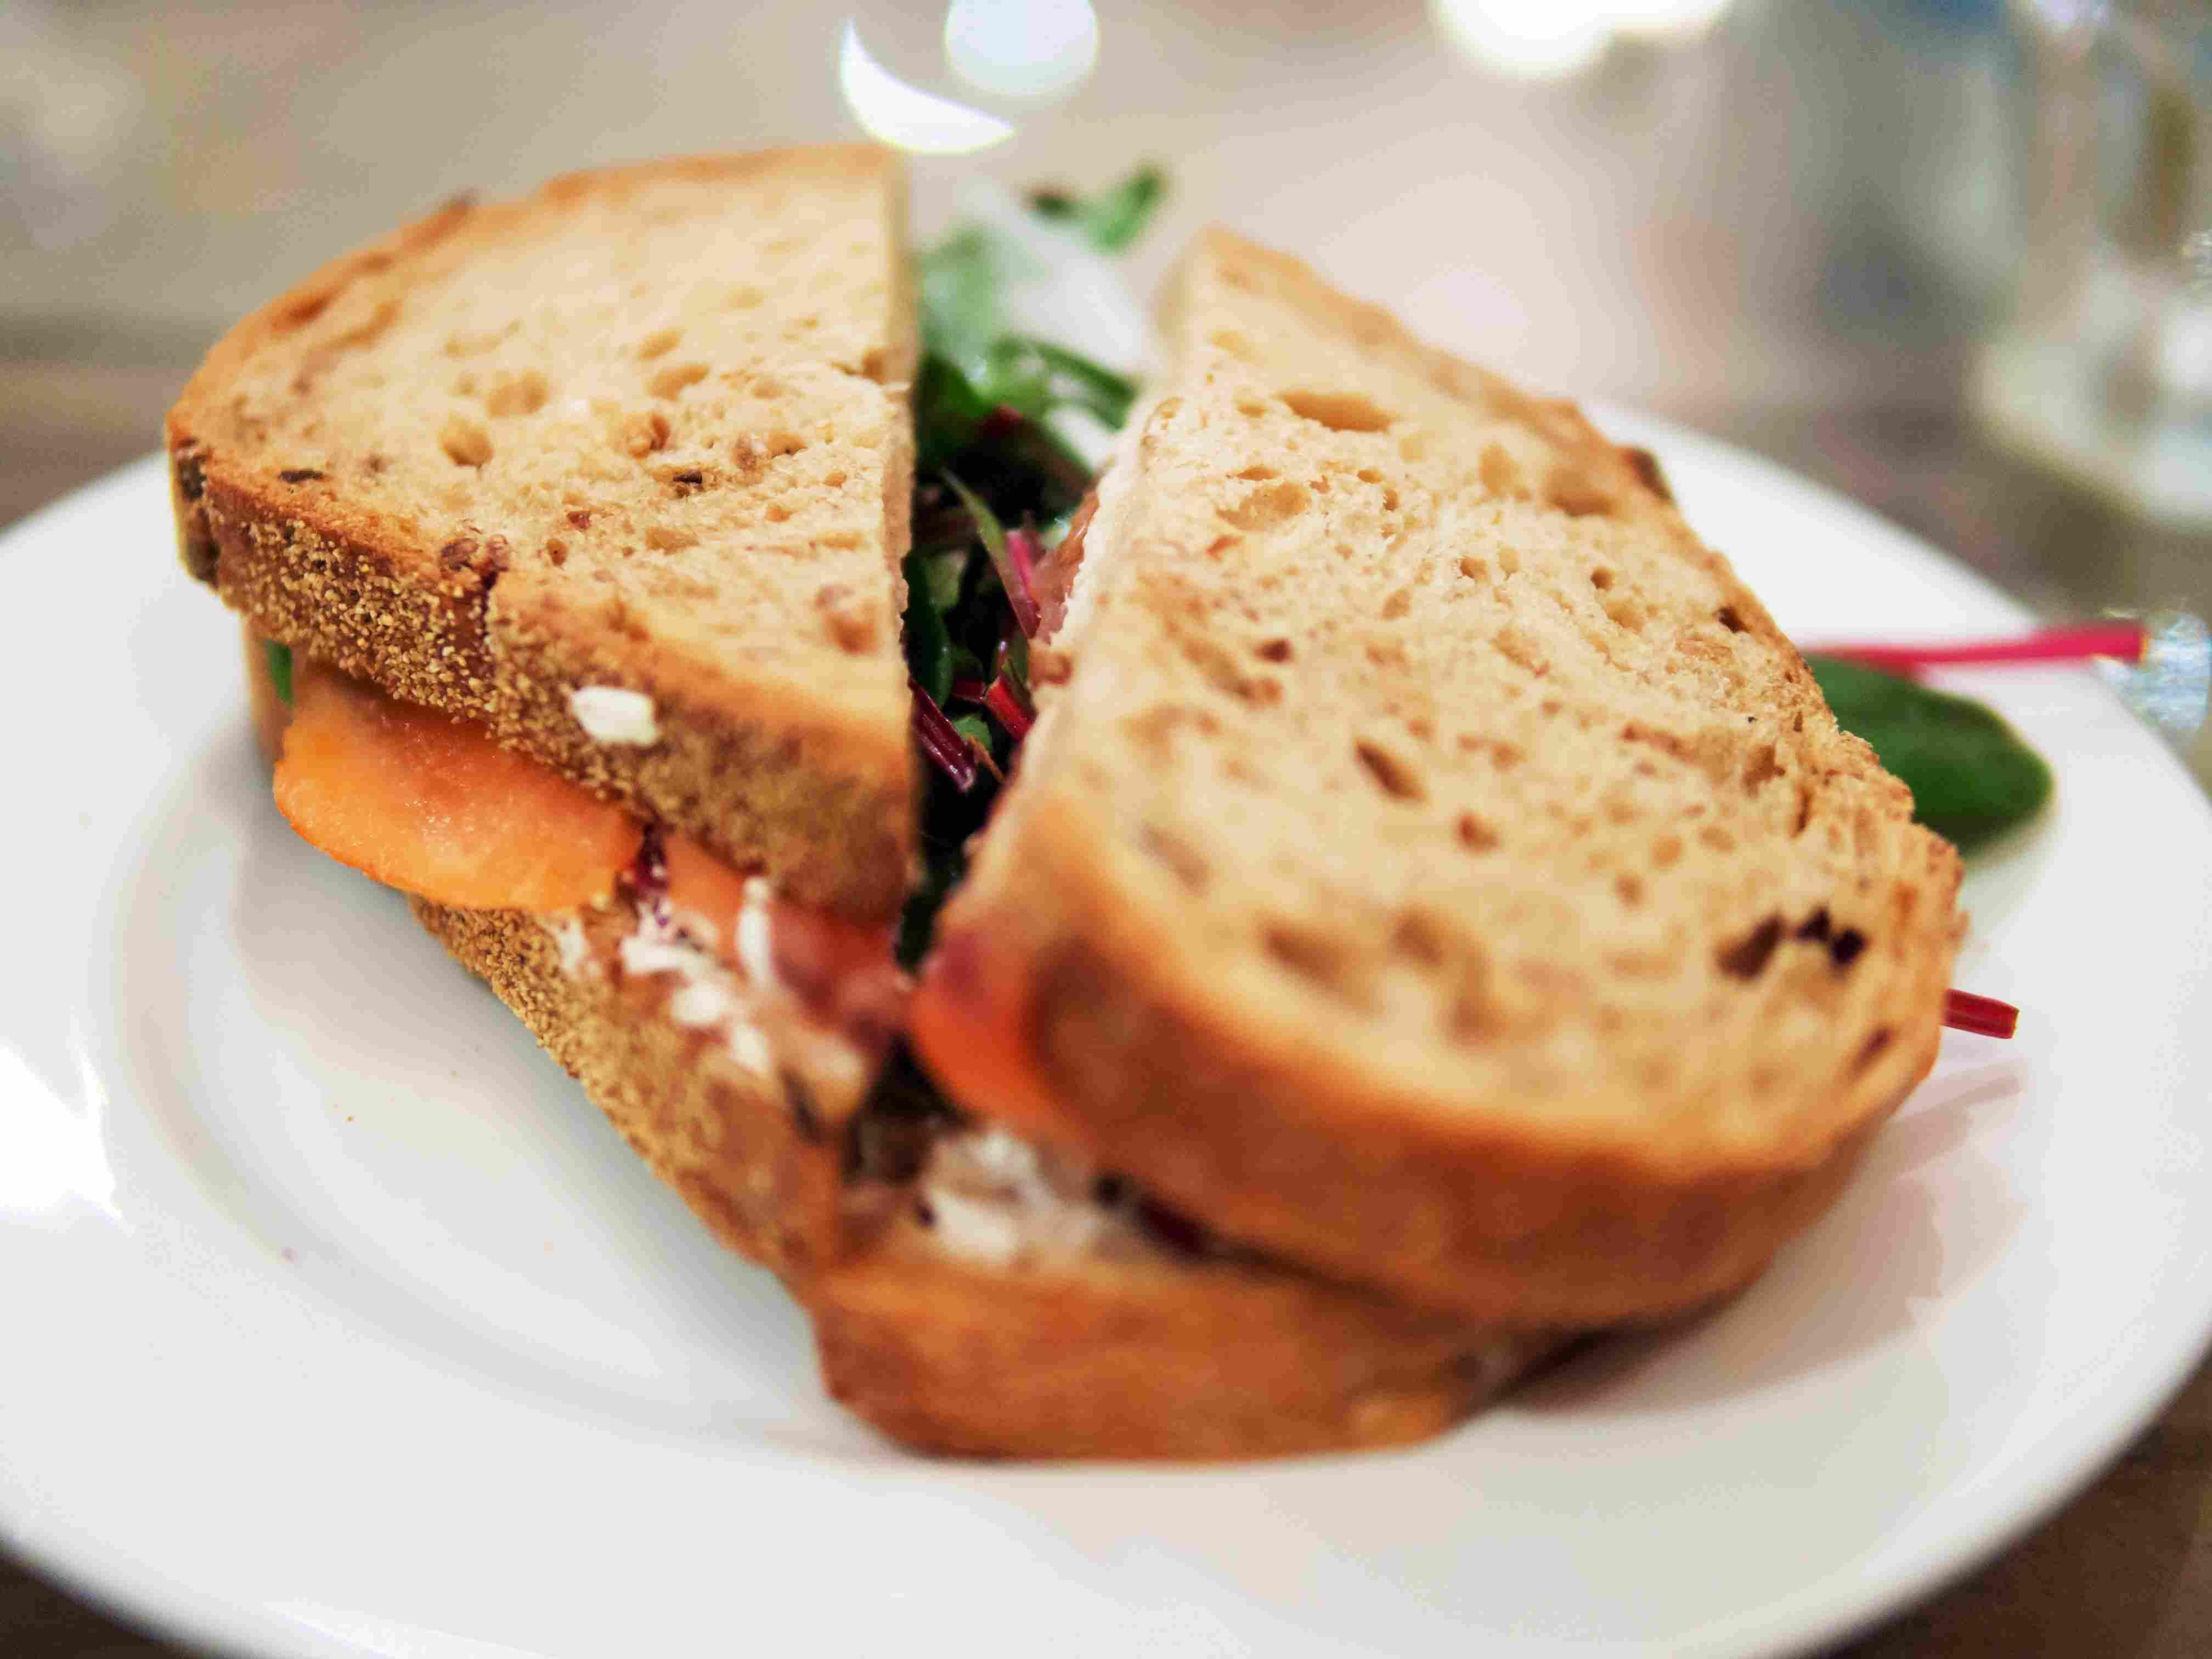 Fleet River Bakery sandwich